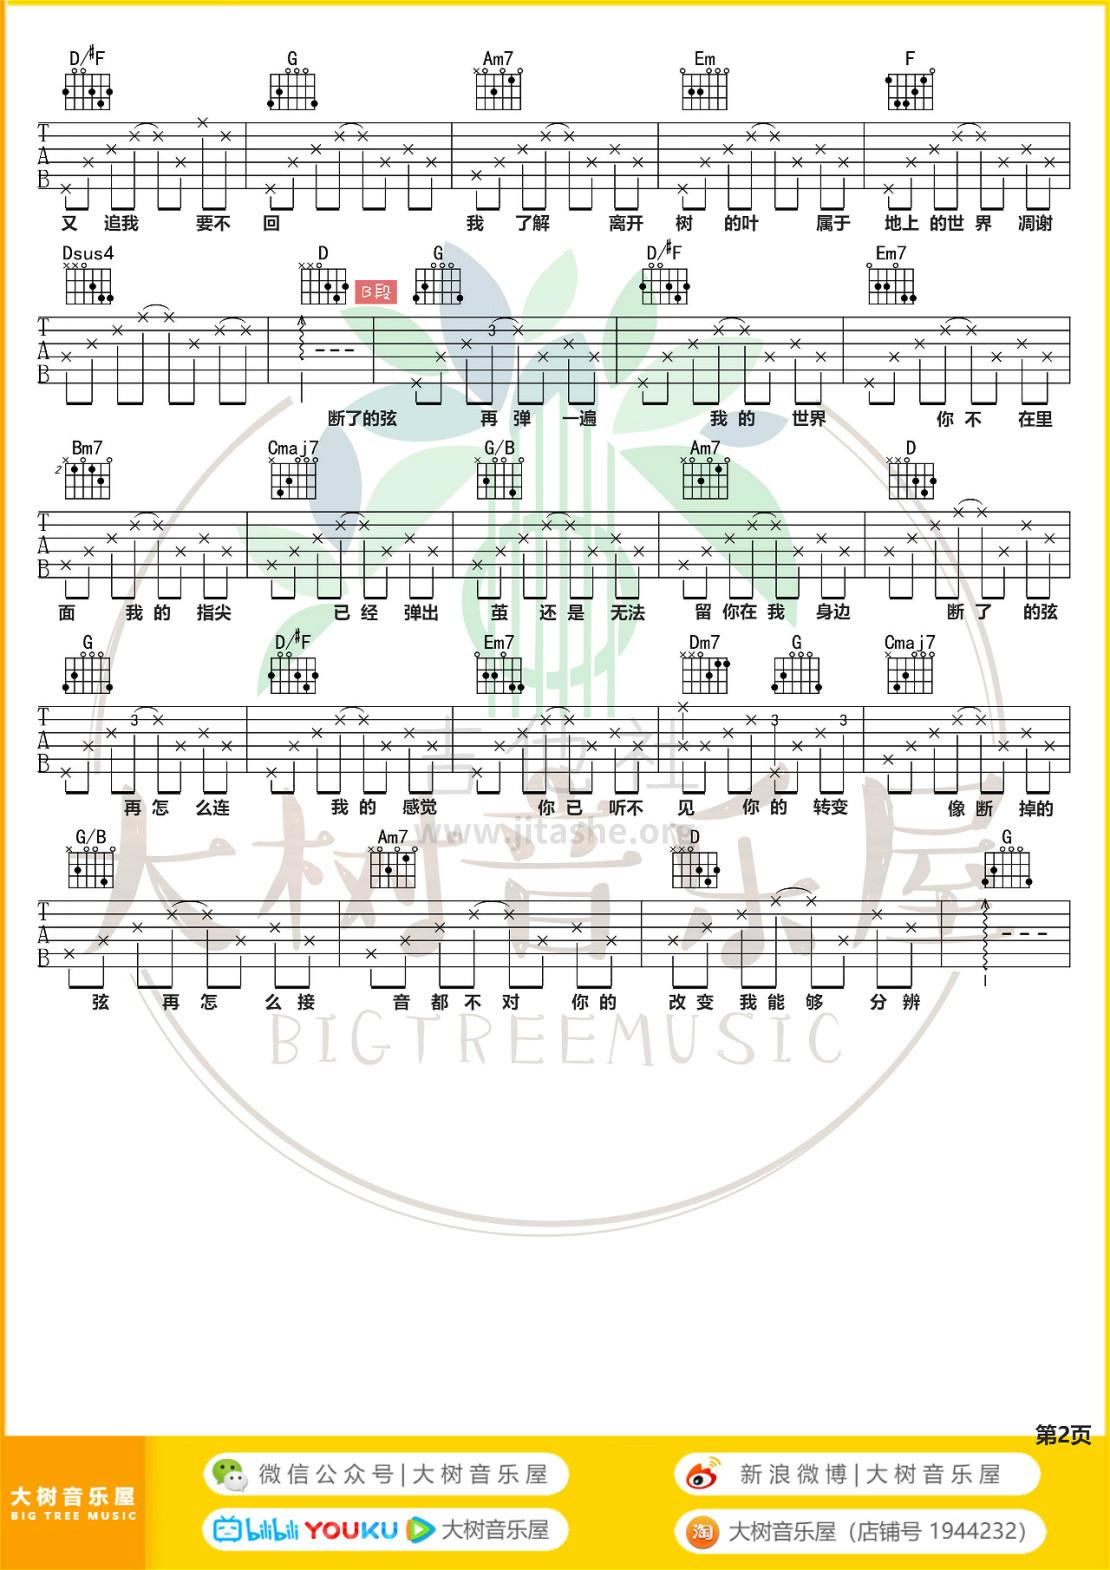 断了的弦(大树音乐屋)吉他谱(图片谱,弹唱,和弦,G调)_周杰伦(Jay Chou)_B.jpg